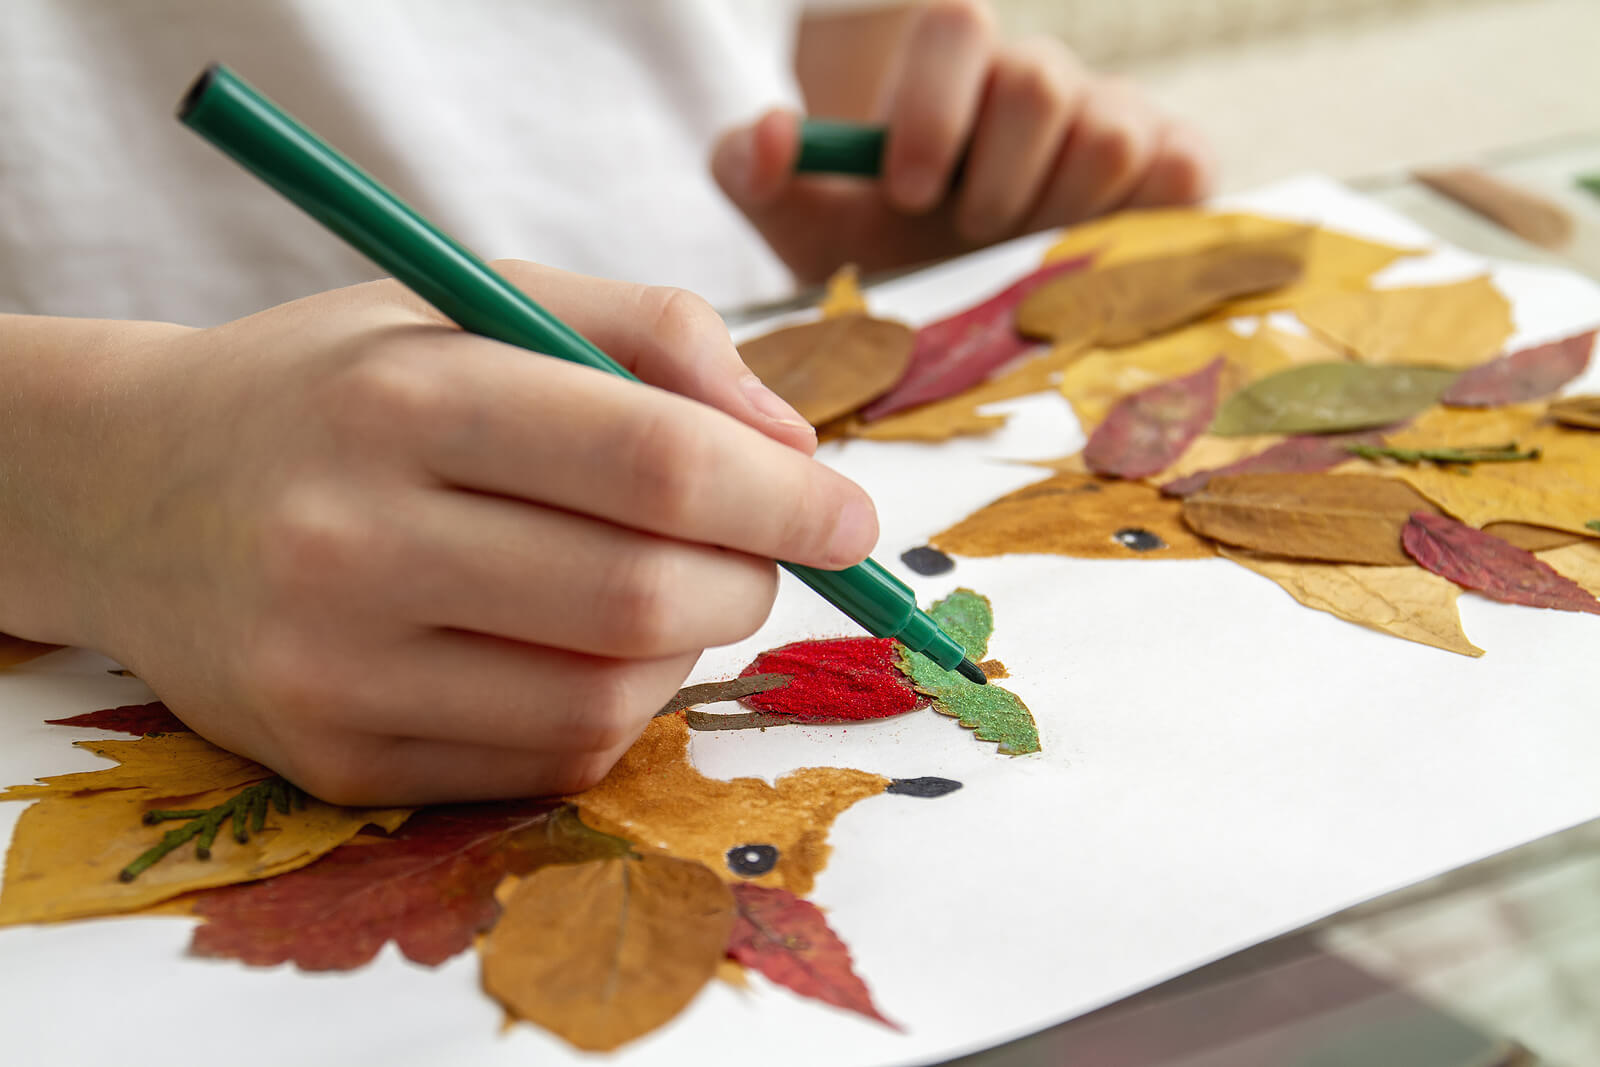 Manualidades con hojas secas para aprender sobre las plantas.